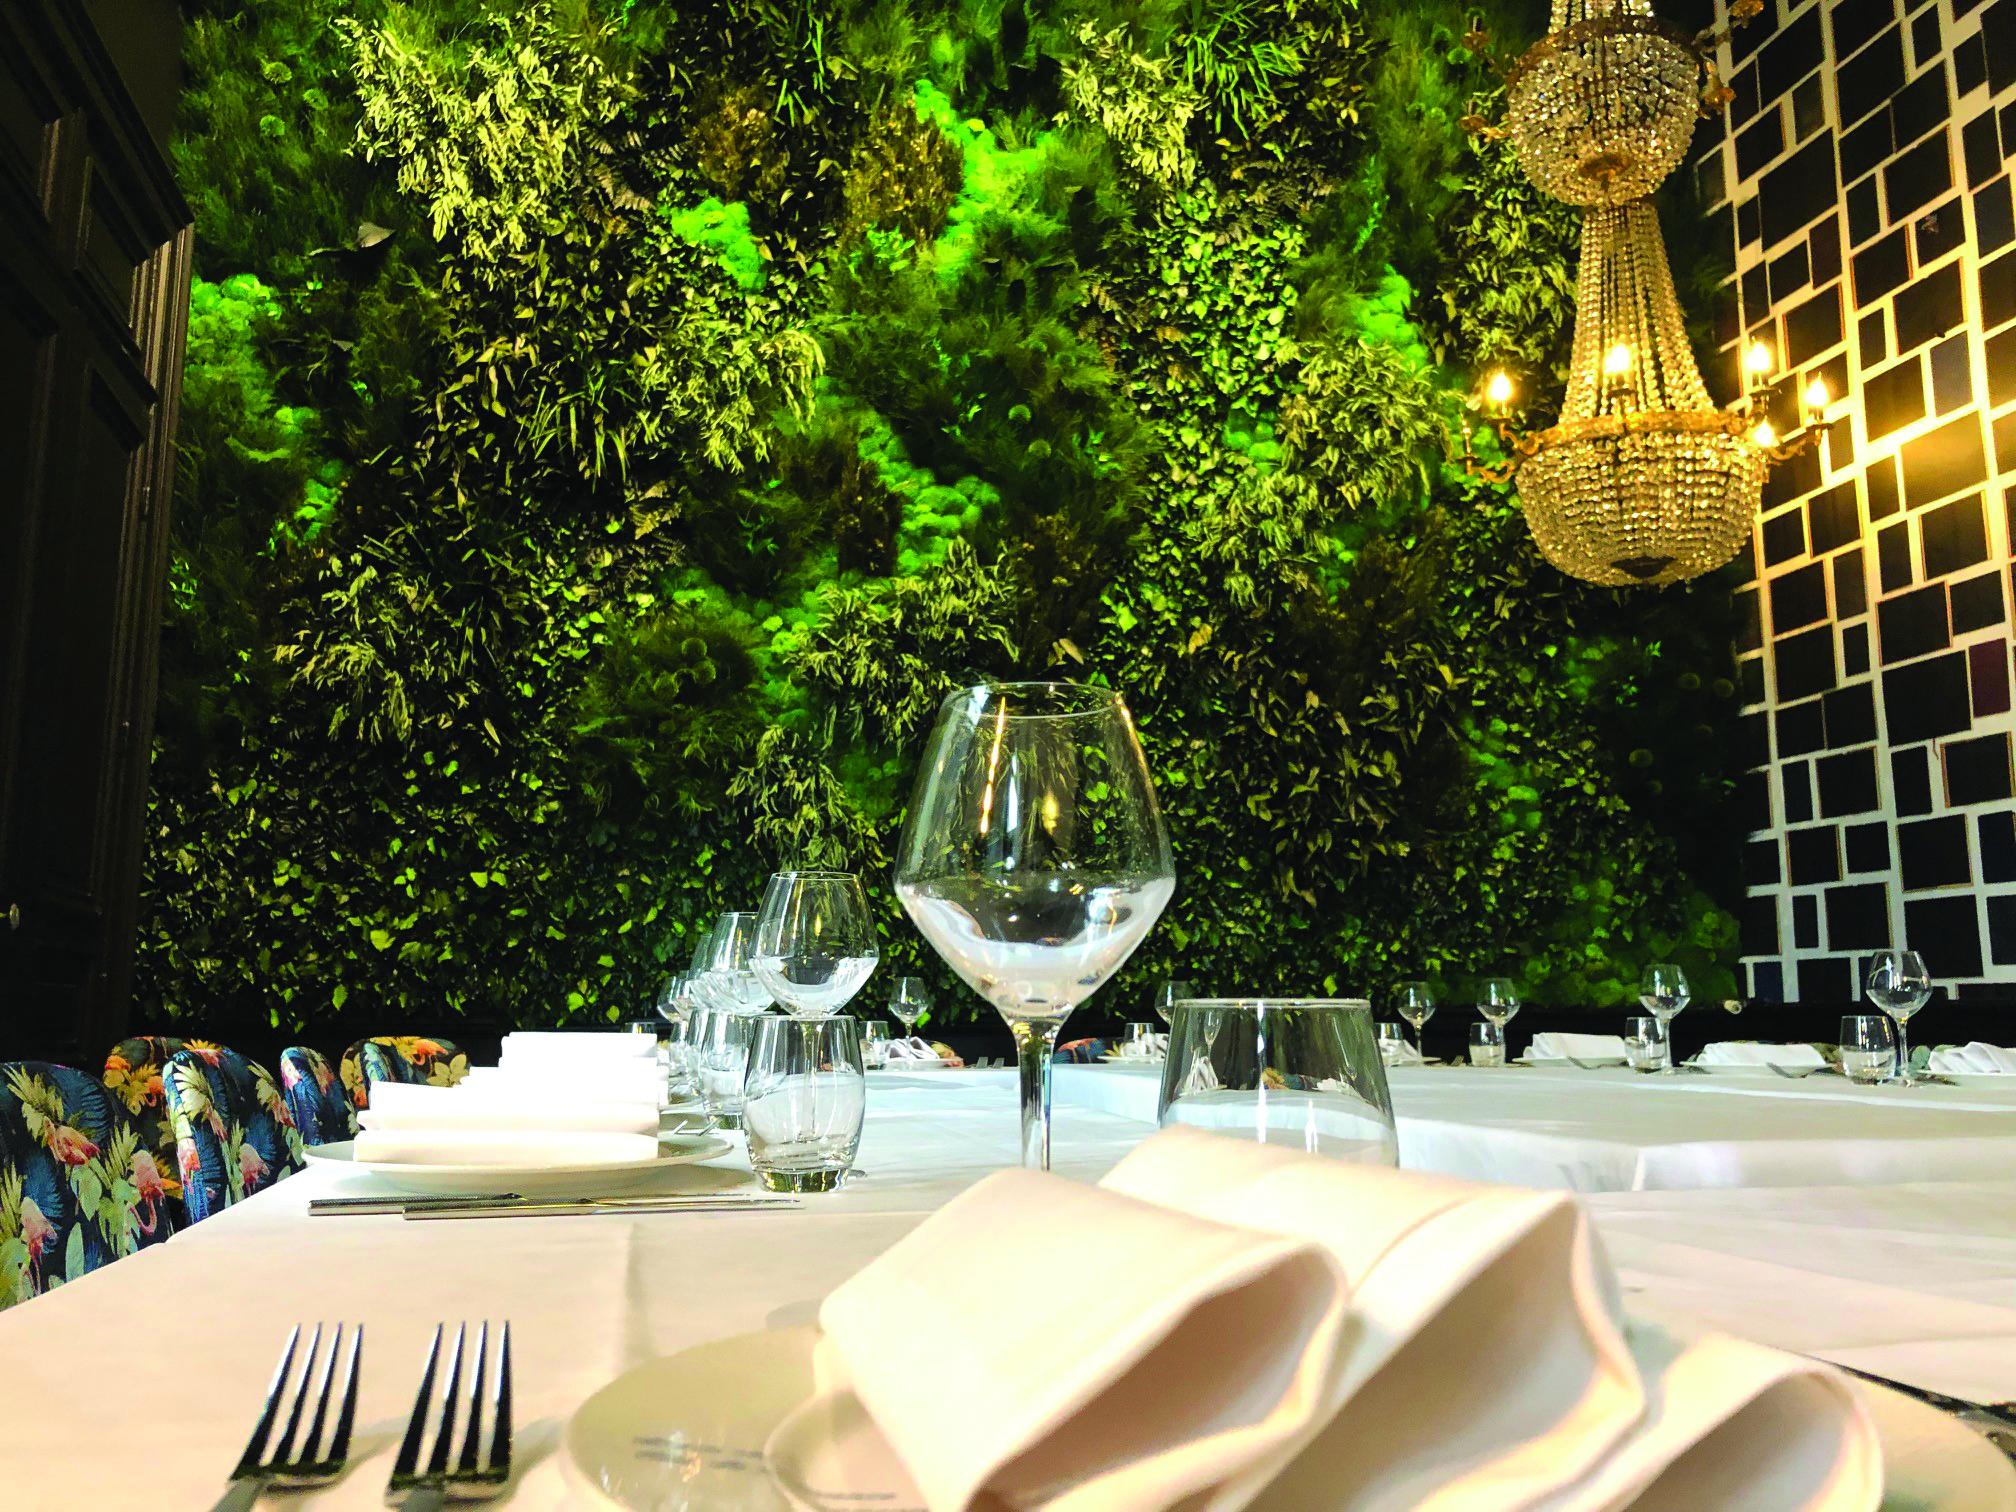 Green Spirit : Se reconnecter à la nature avec un mur végétal